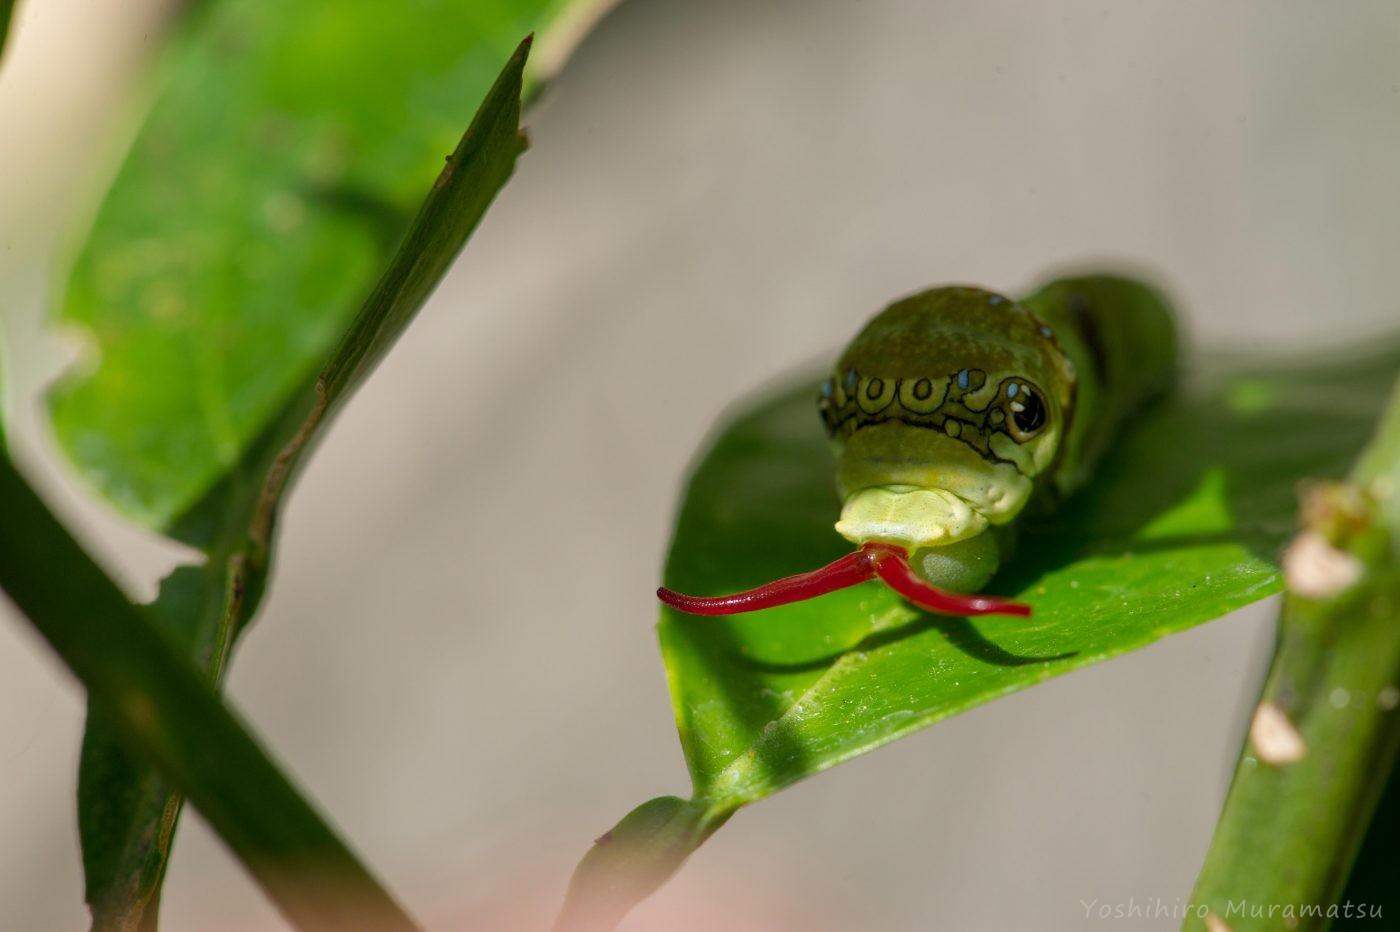 クロアゲハの幼虫の写真